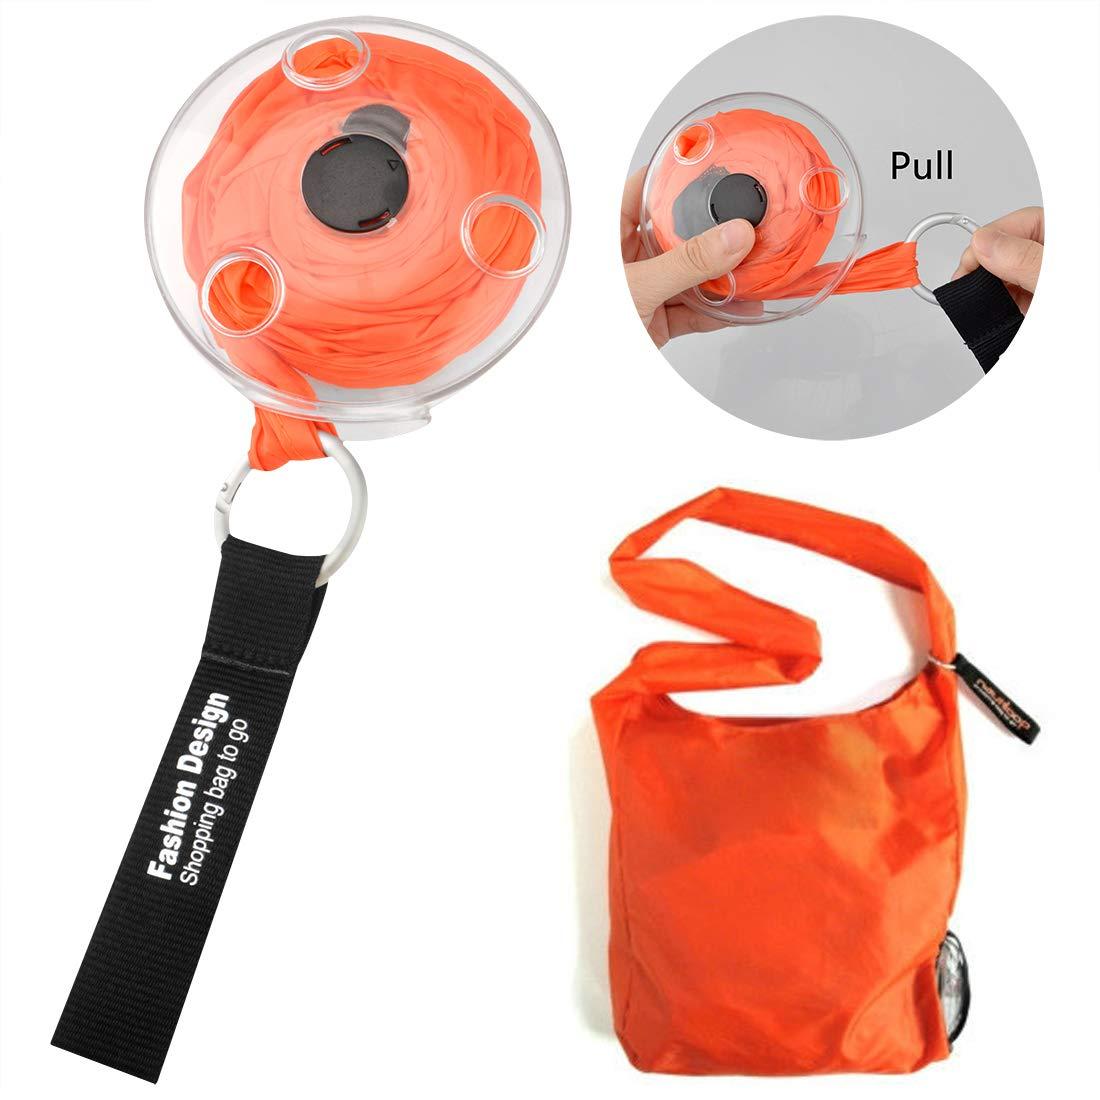 大容量折りたたみ式ポータブルショッピングバッグ 伸縮式便利収納バッグ 再利用可能な円形ディスクバッグ 食料品バッグ メッセンジャー (オレンジ) B07Q8GSSVL